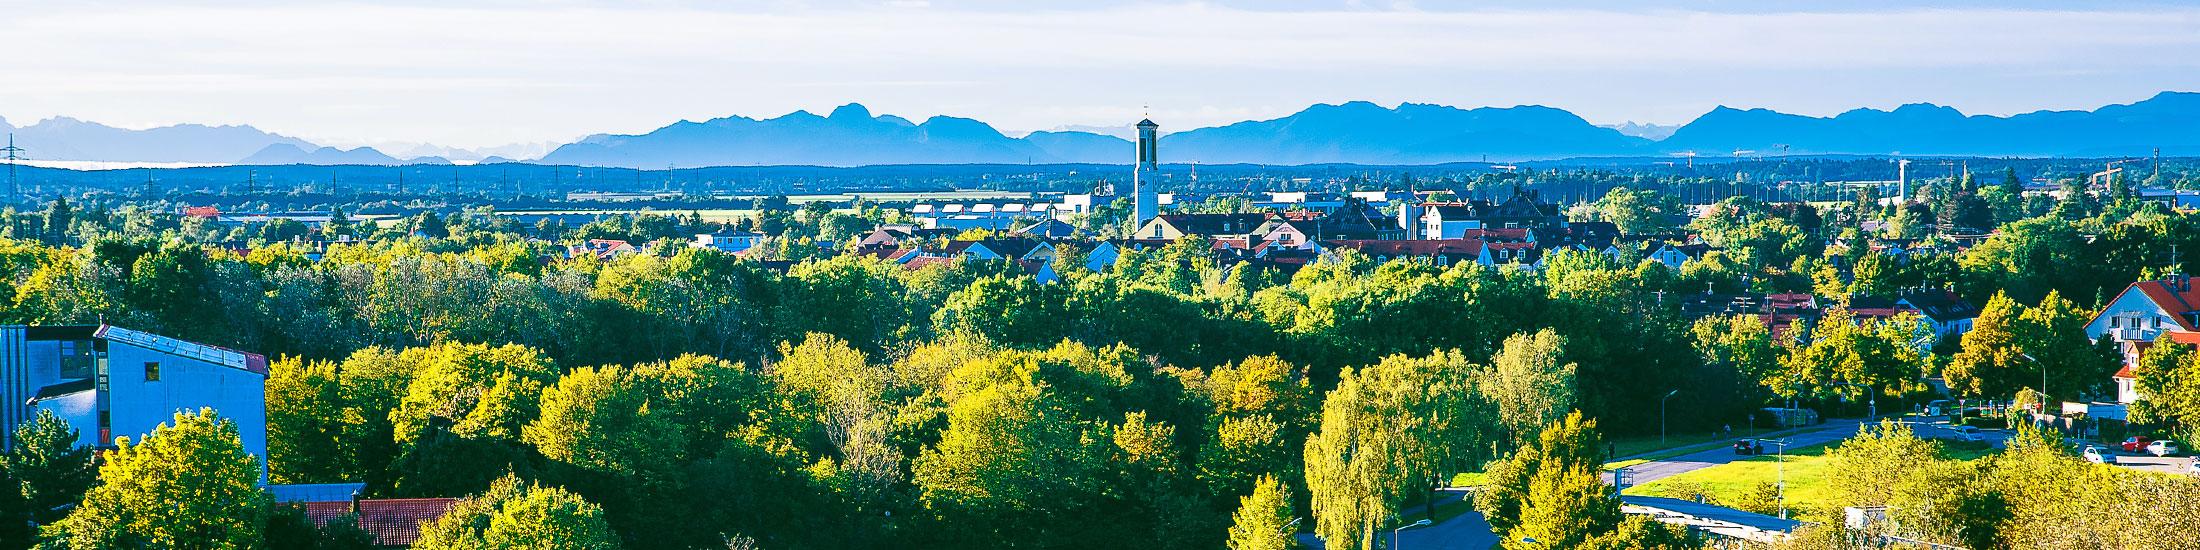 Panoramaaufnahme von Heimstetten